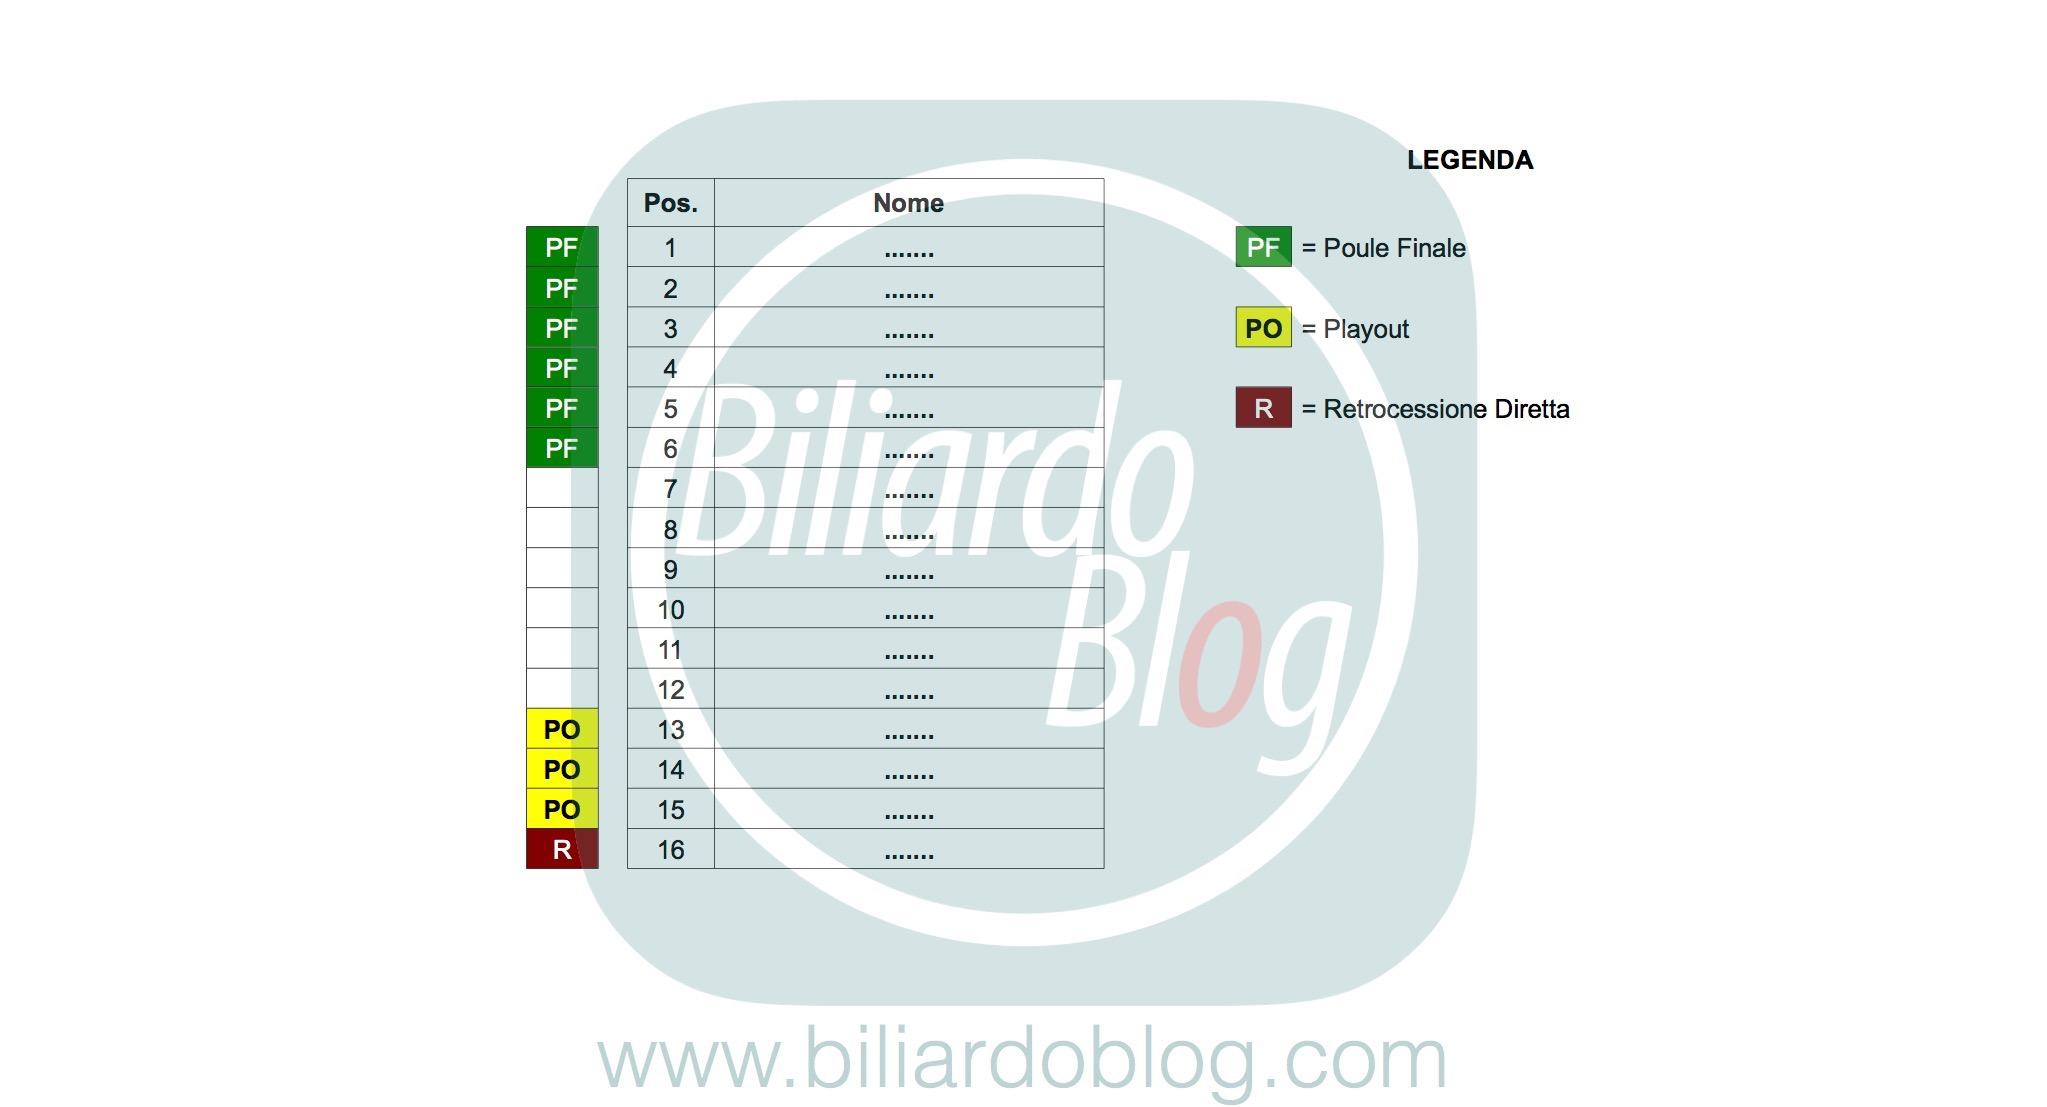 Campionato BTP di Biliardo 2017 2018: Promozioni e Retrocessioni